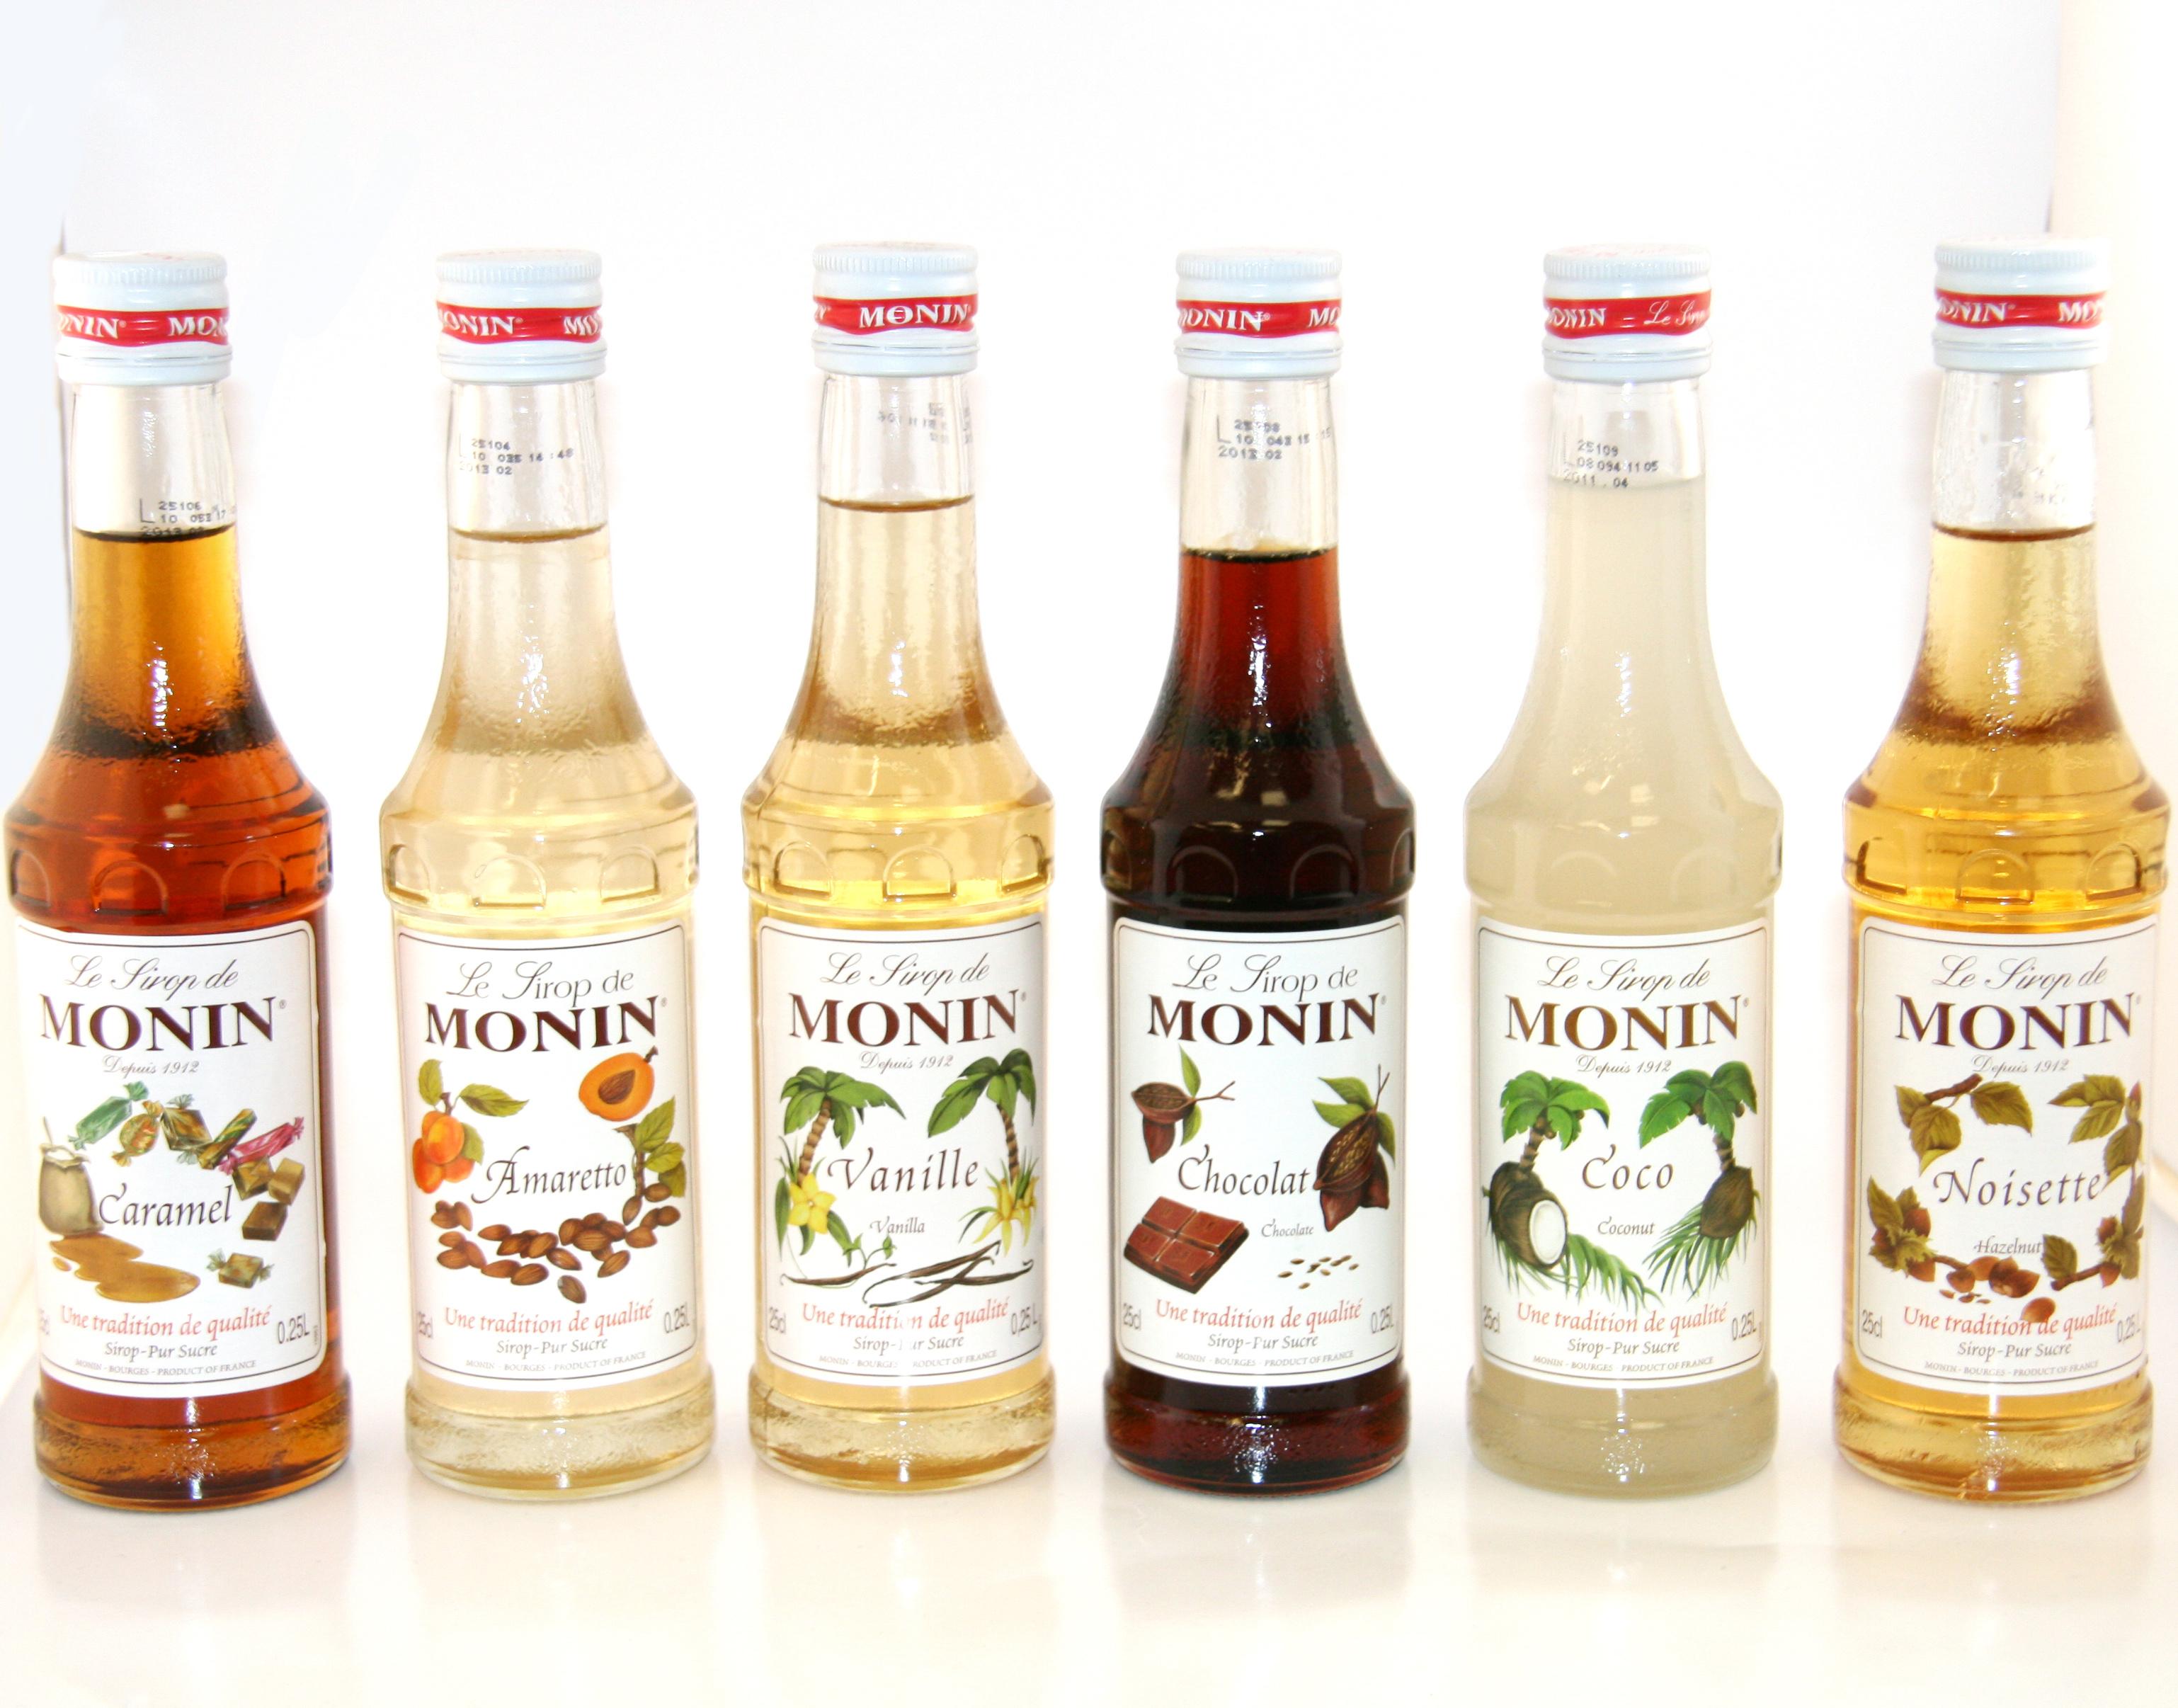 Monin shot